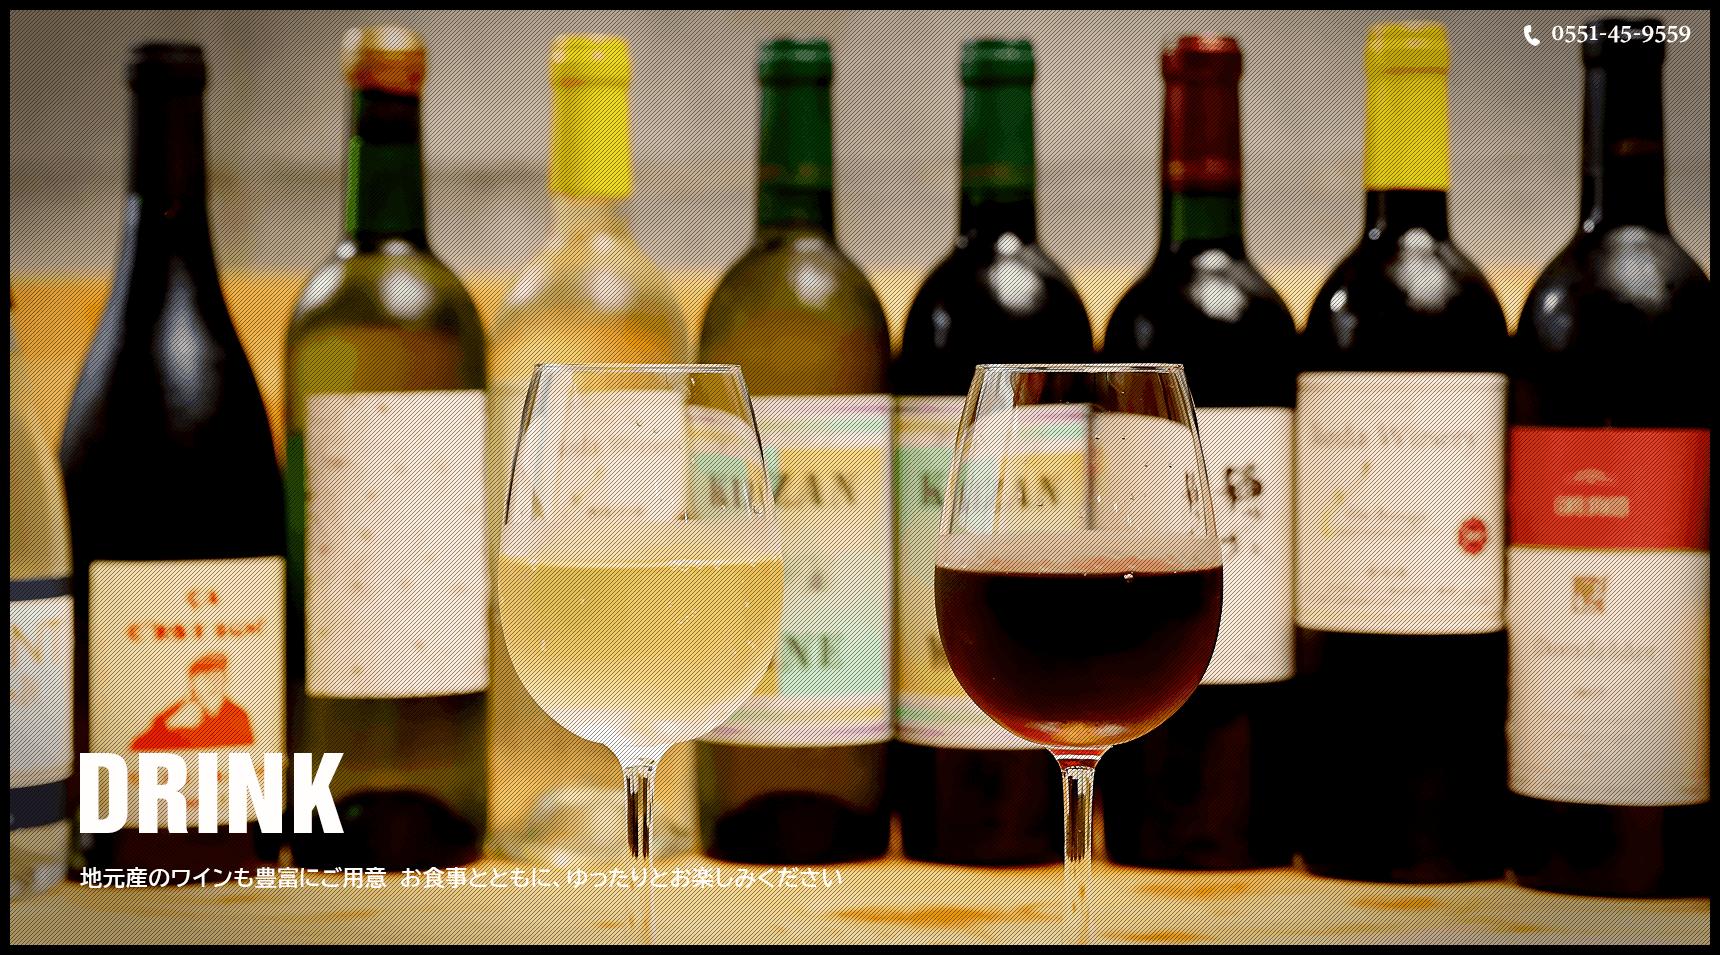 地元産のワインも豊富にご用意 お食事とともに、ゆったりとお楽しみください